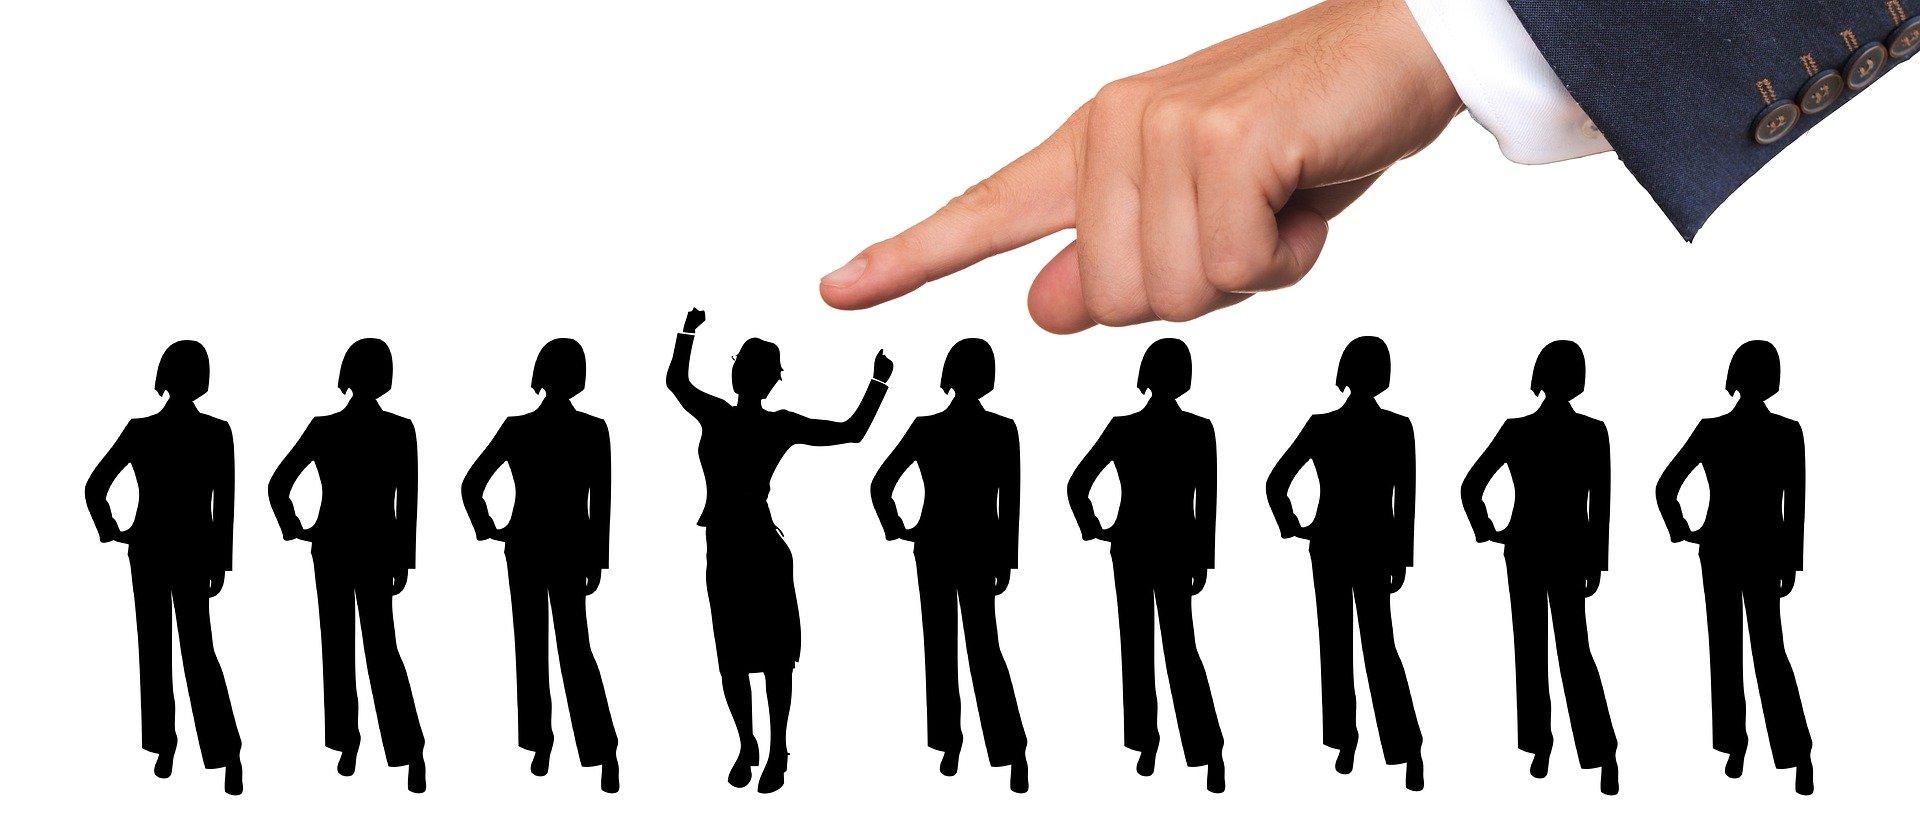 Alva-Studios-Werbeagentur-Filmproduktion-Imagefilm-Recruiting-Personalmarketing-Personalsuche-Recruitingvideo